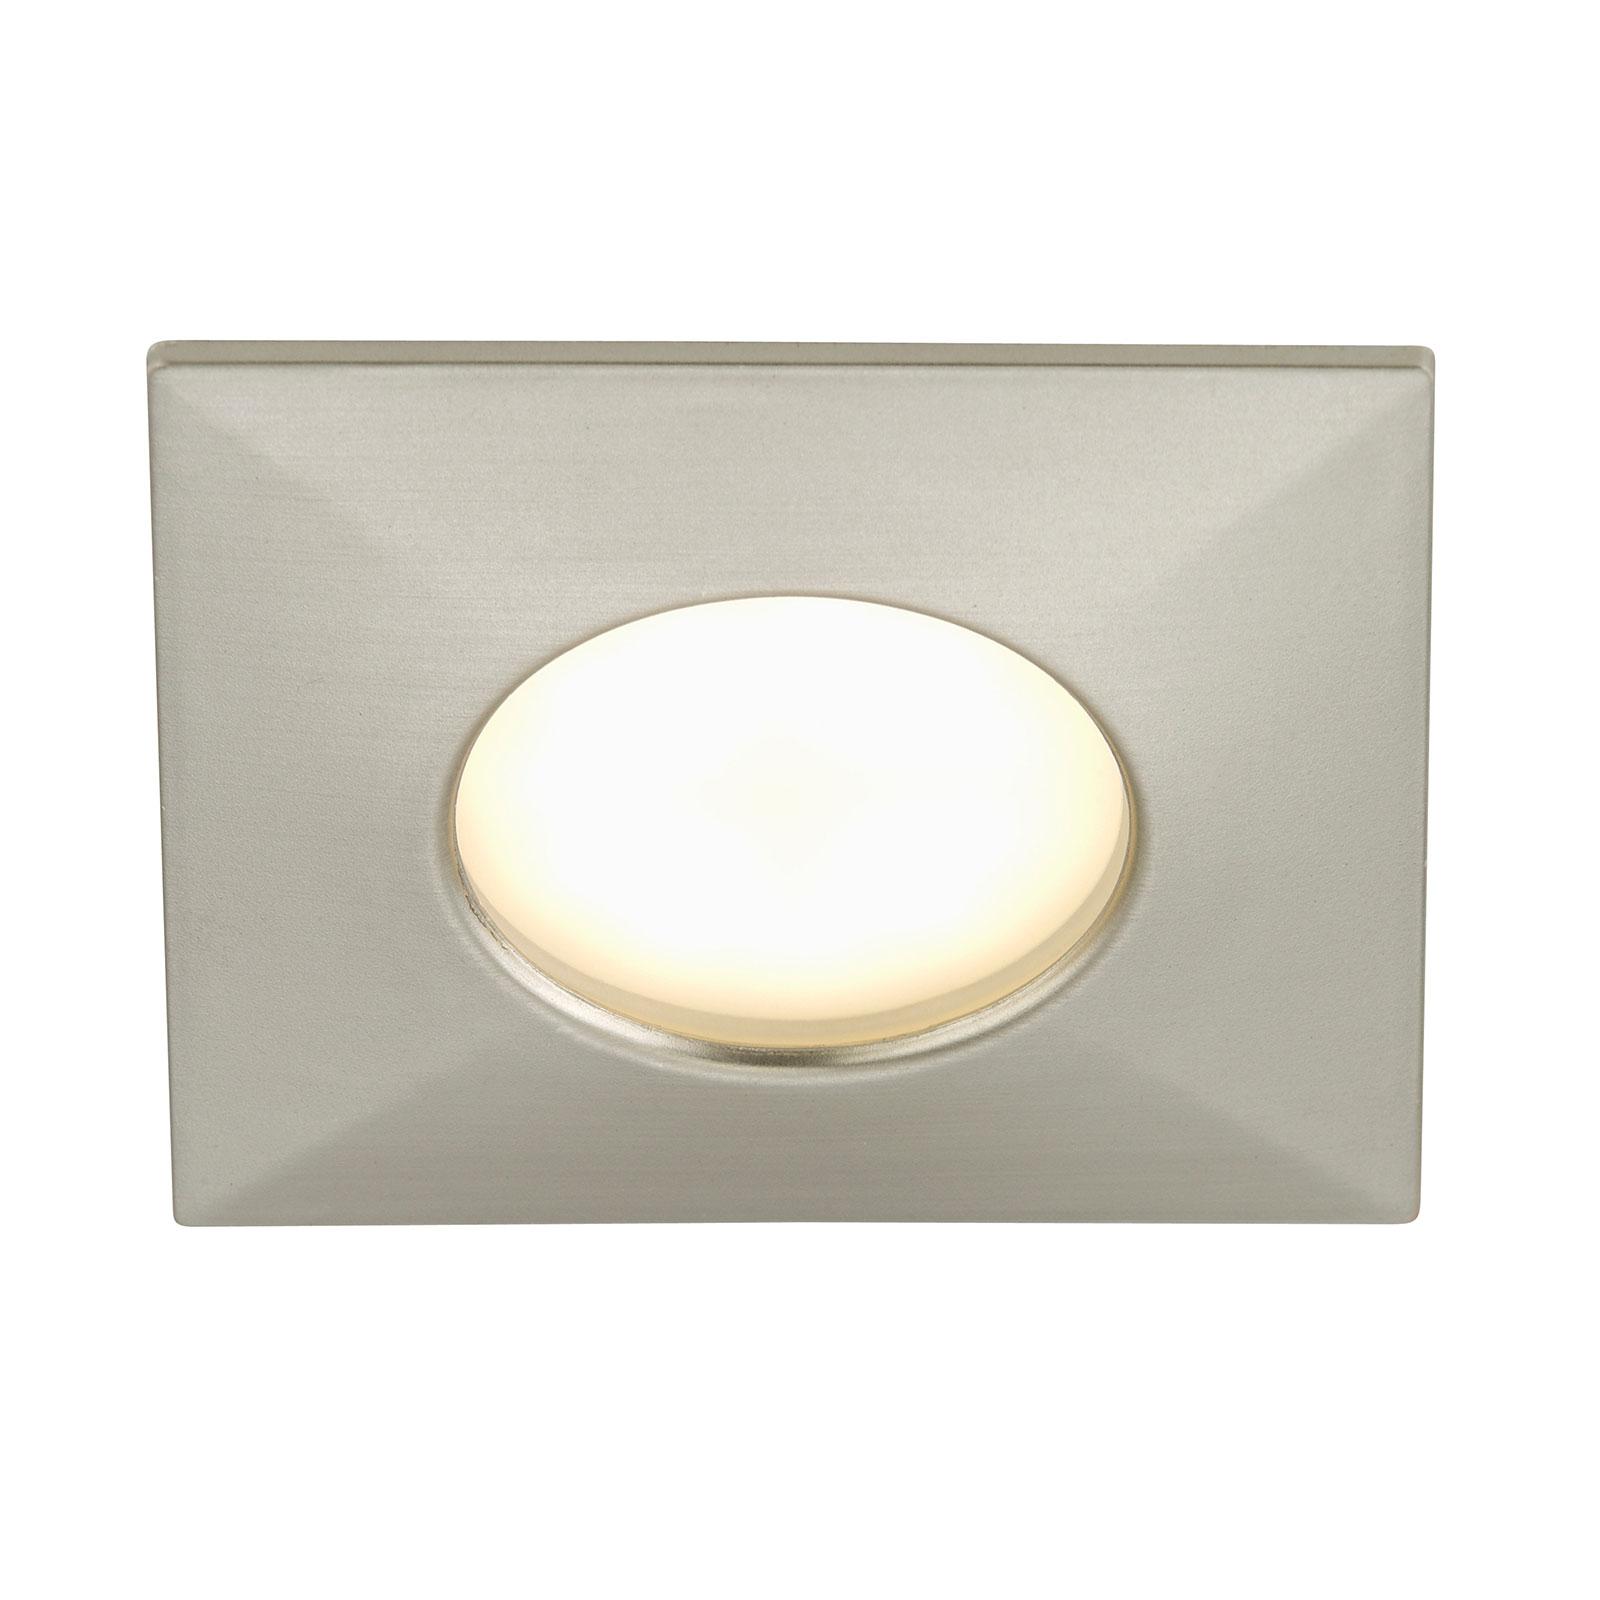 Eckige LED-Einbauleuchte Ben für außen, nickel m.